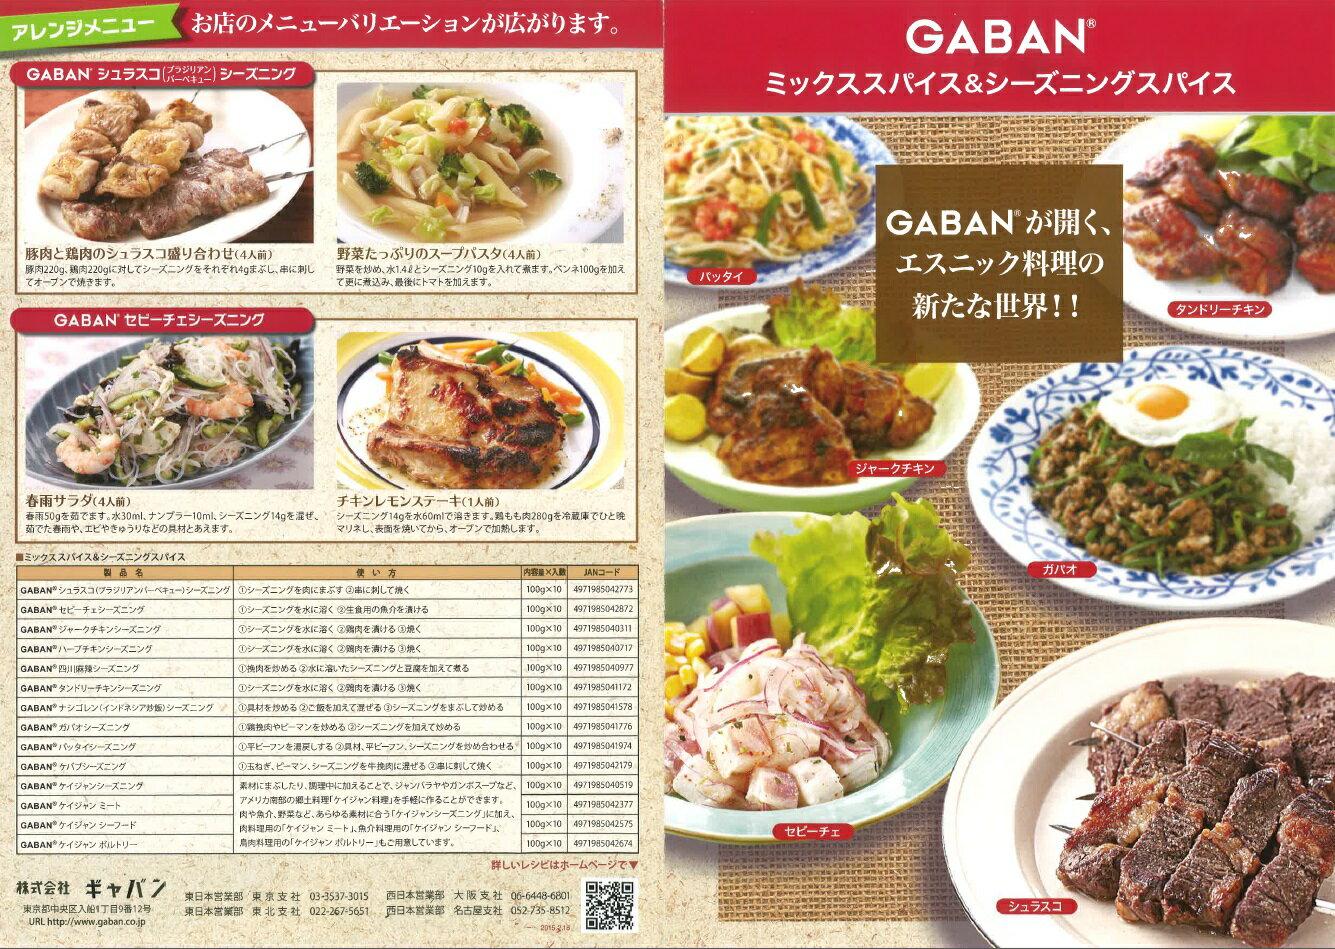 GABAN ガパオシーズニング(袋) 100g   【ミックススパイス ハウス食品 香辛料 パウダー 業務用】